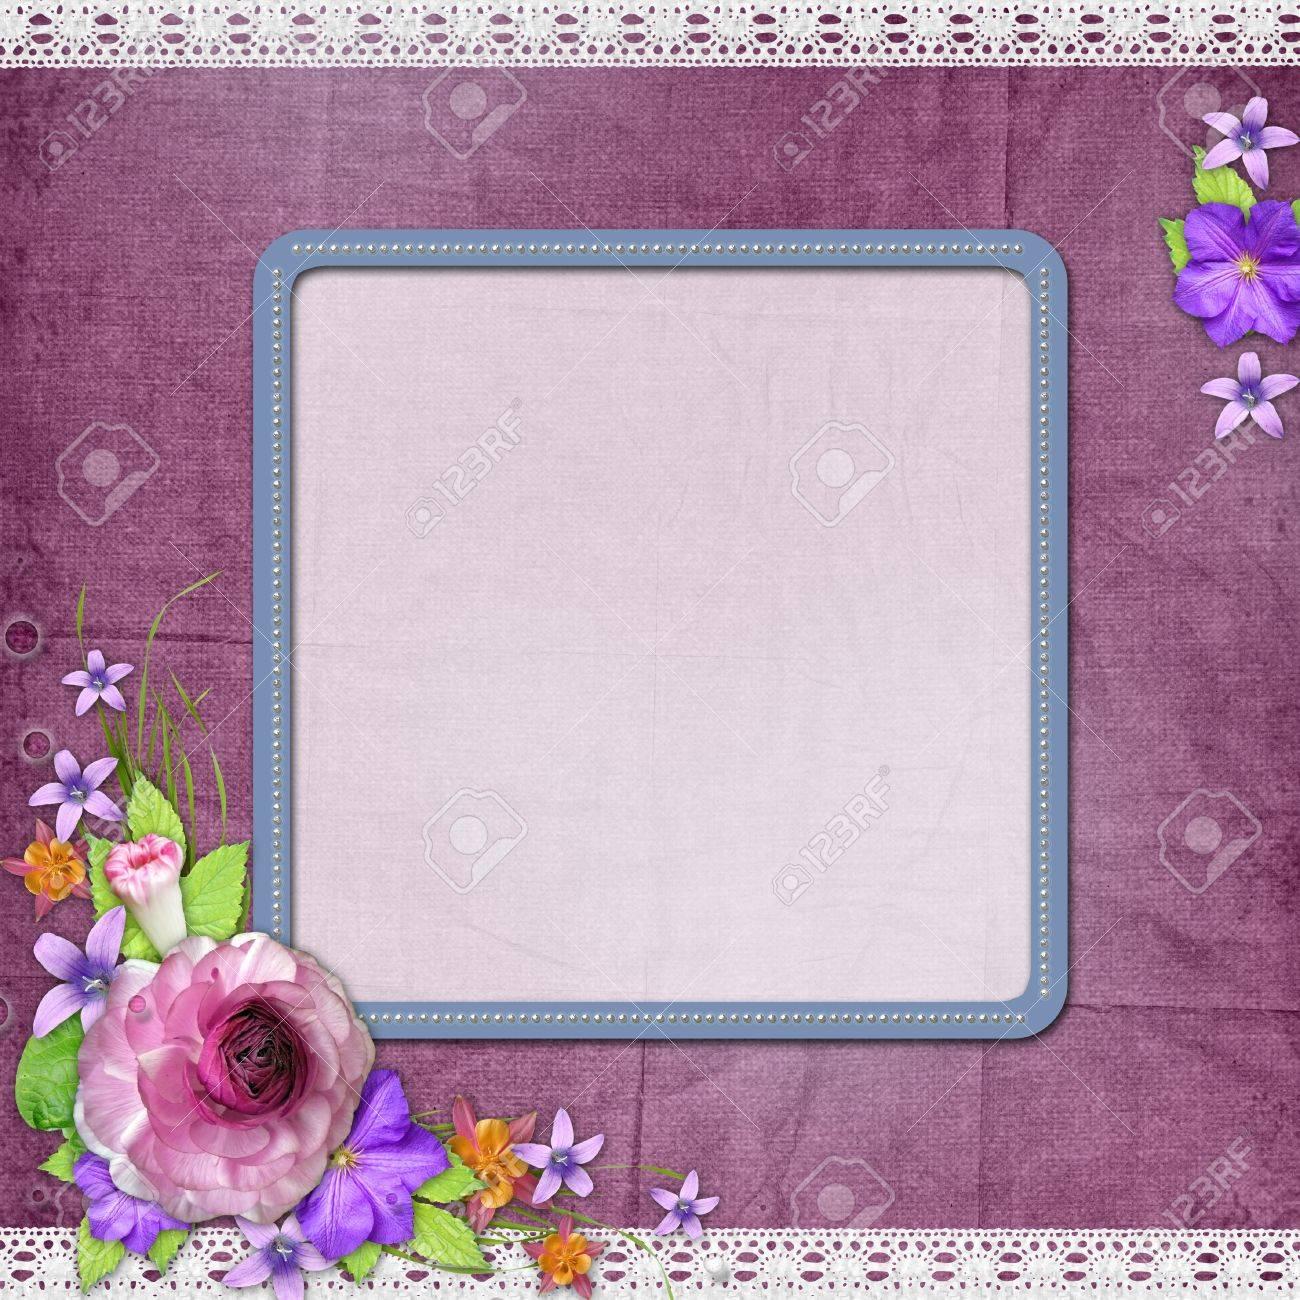 Lila Strukturierten Hintergrund Mit Einem Rahmen Für Das Foto Oder ...